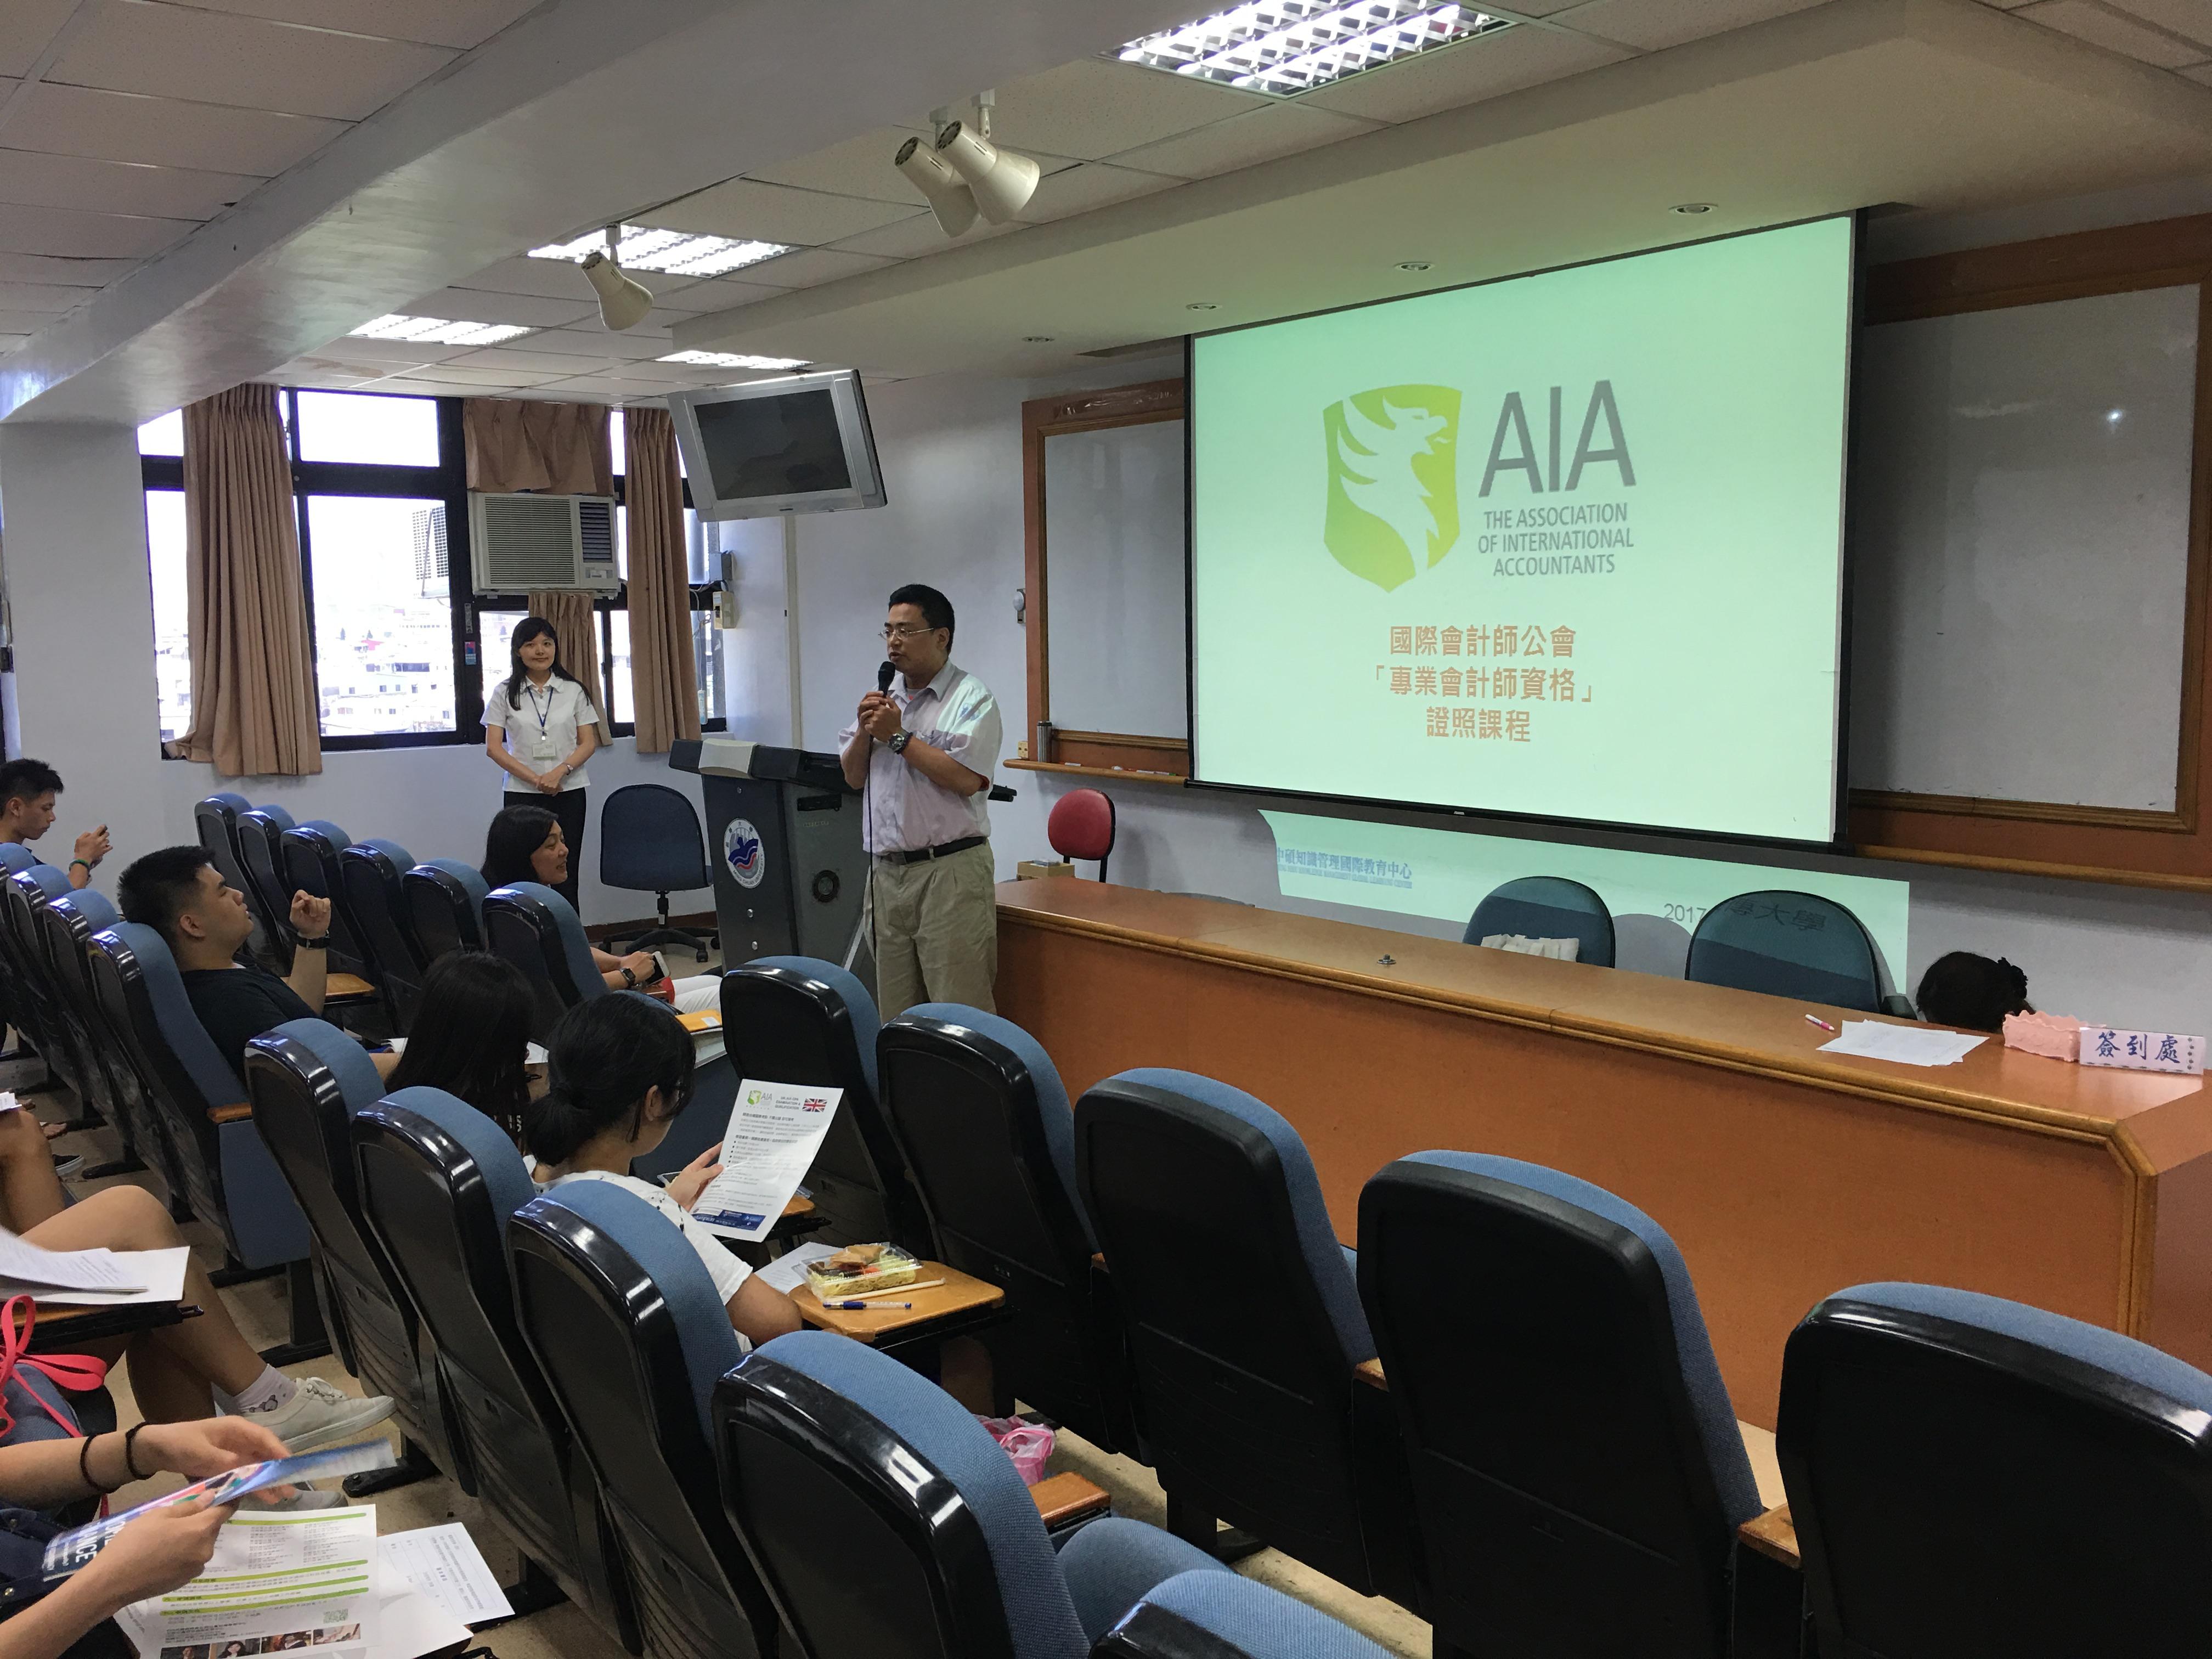 20170607銘傳大學AIA課程講座說明會圓滿成功